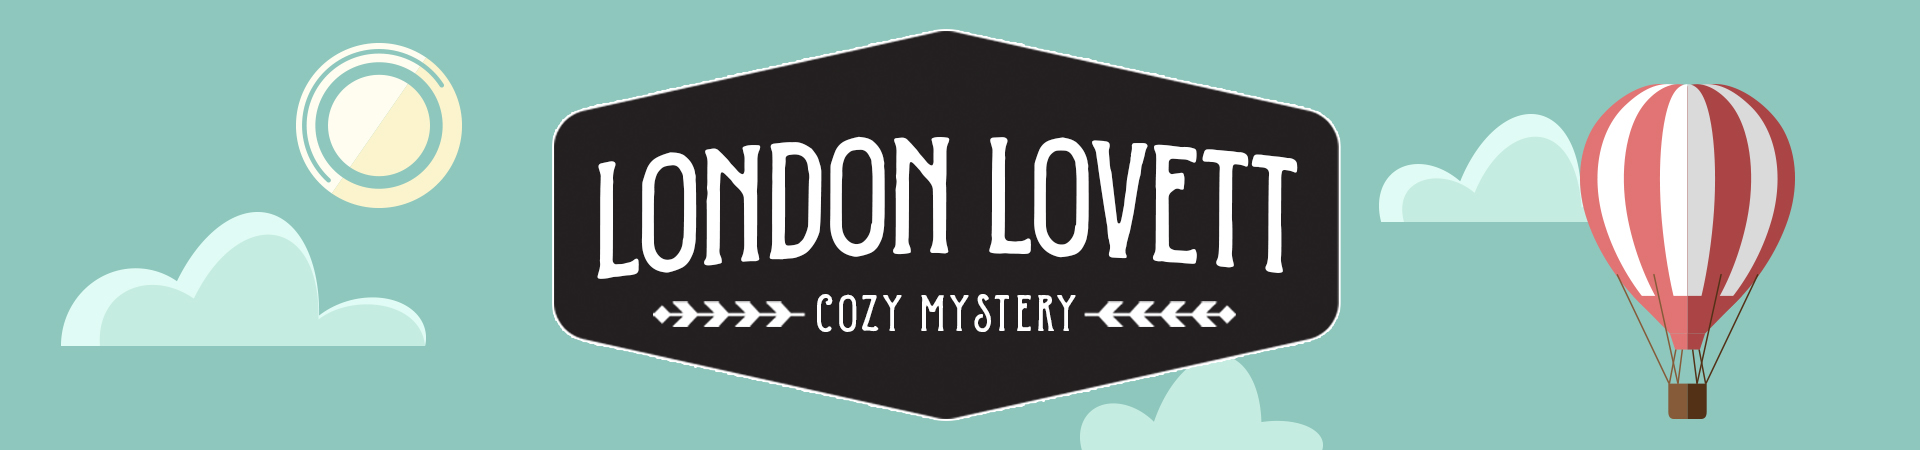 LondonLovettHeader